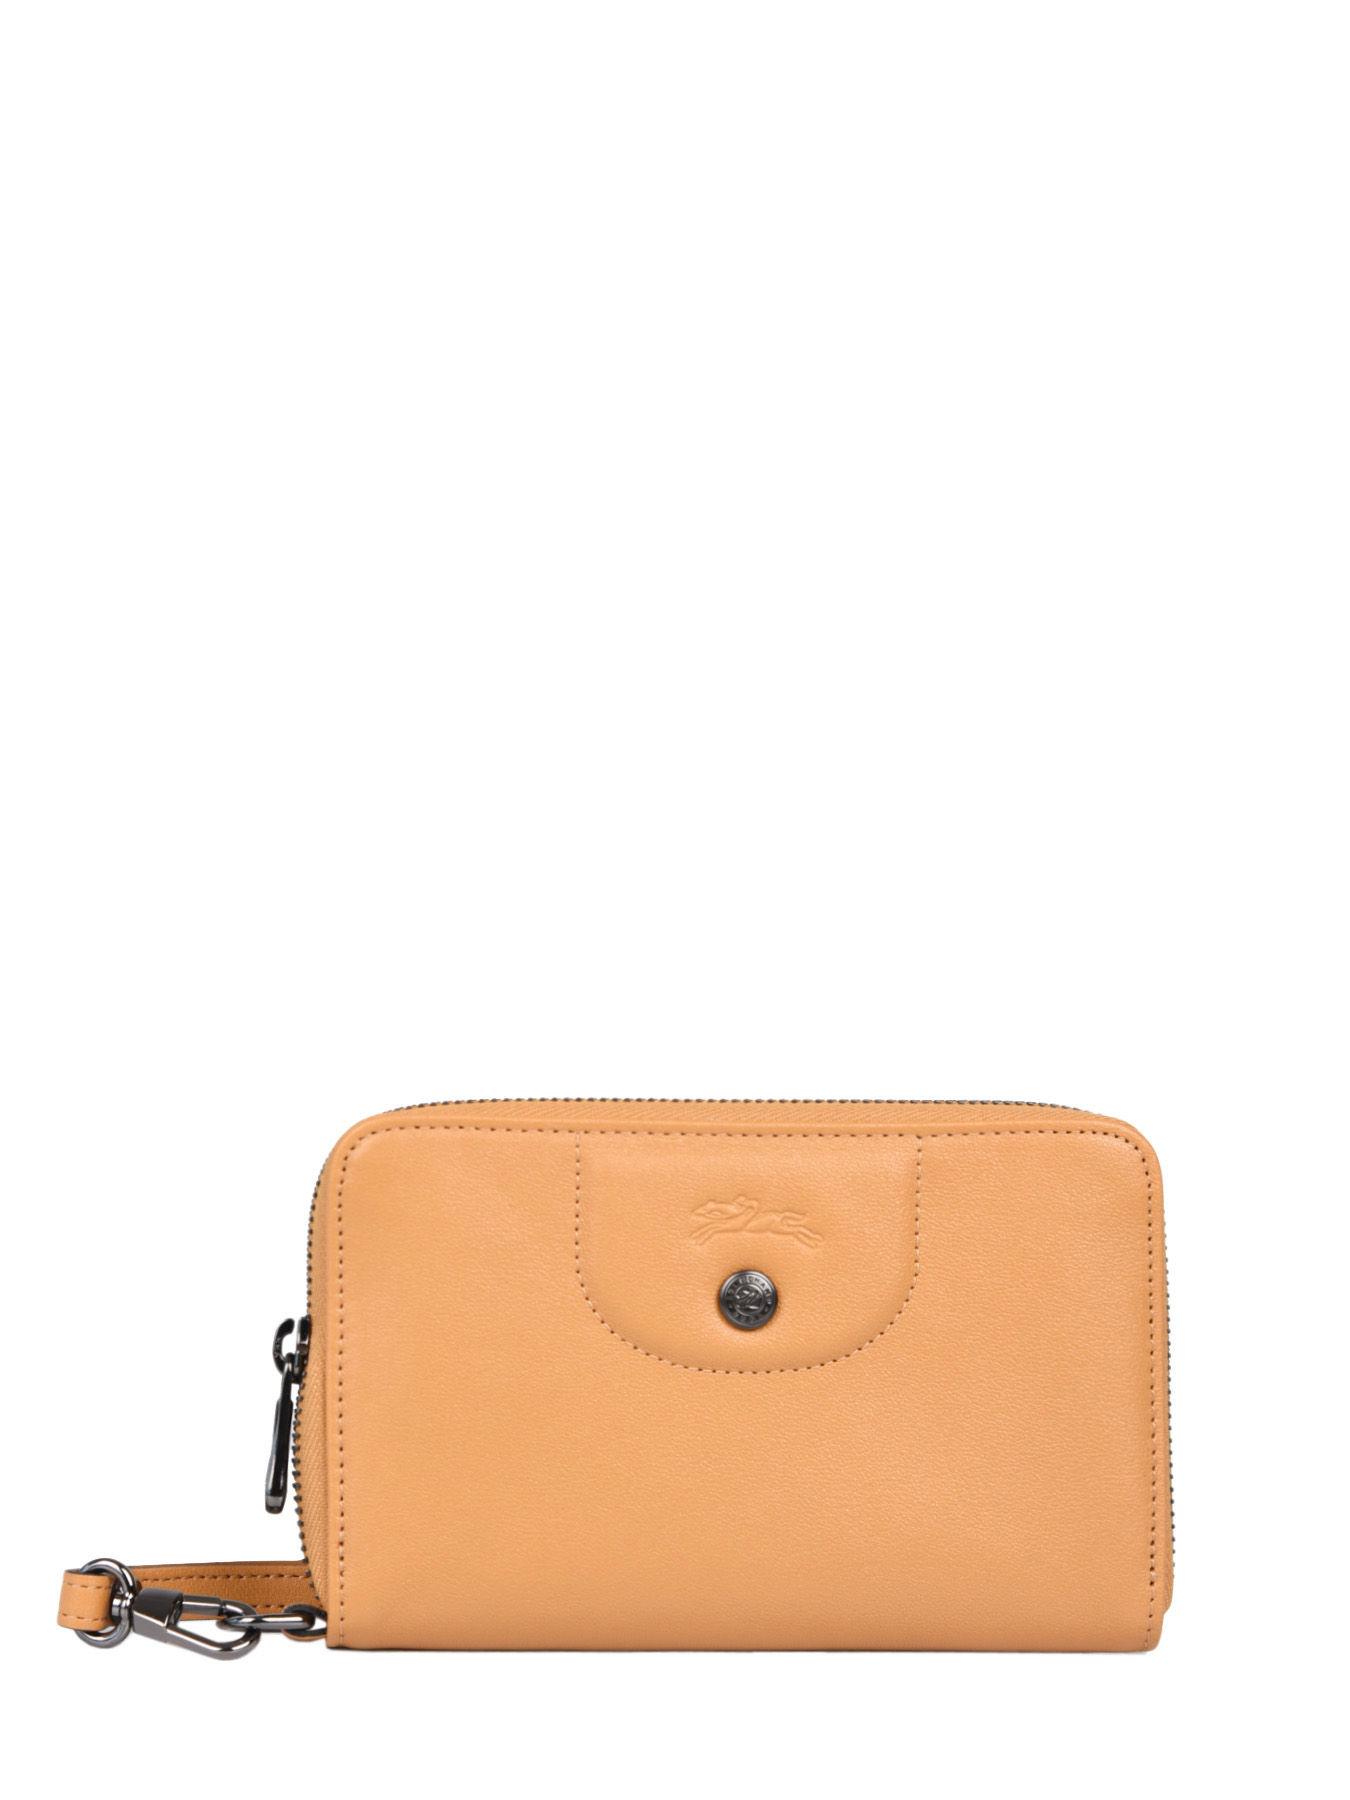 Wallet leather Le Pliage Cuir LONGCHAMP